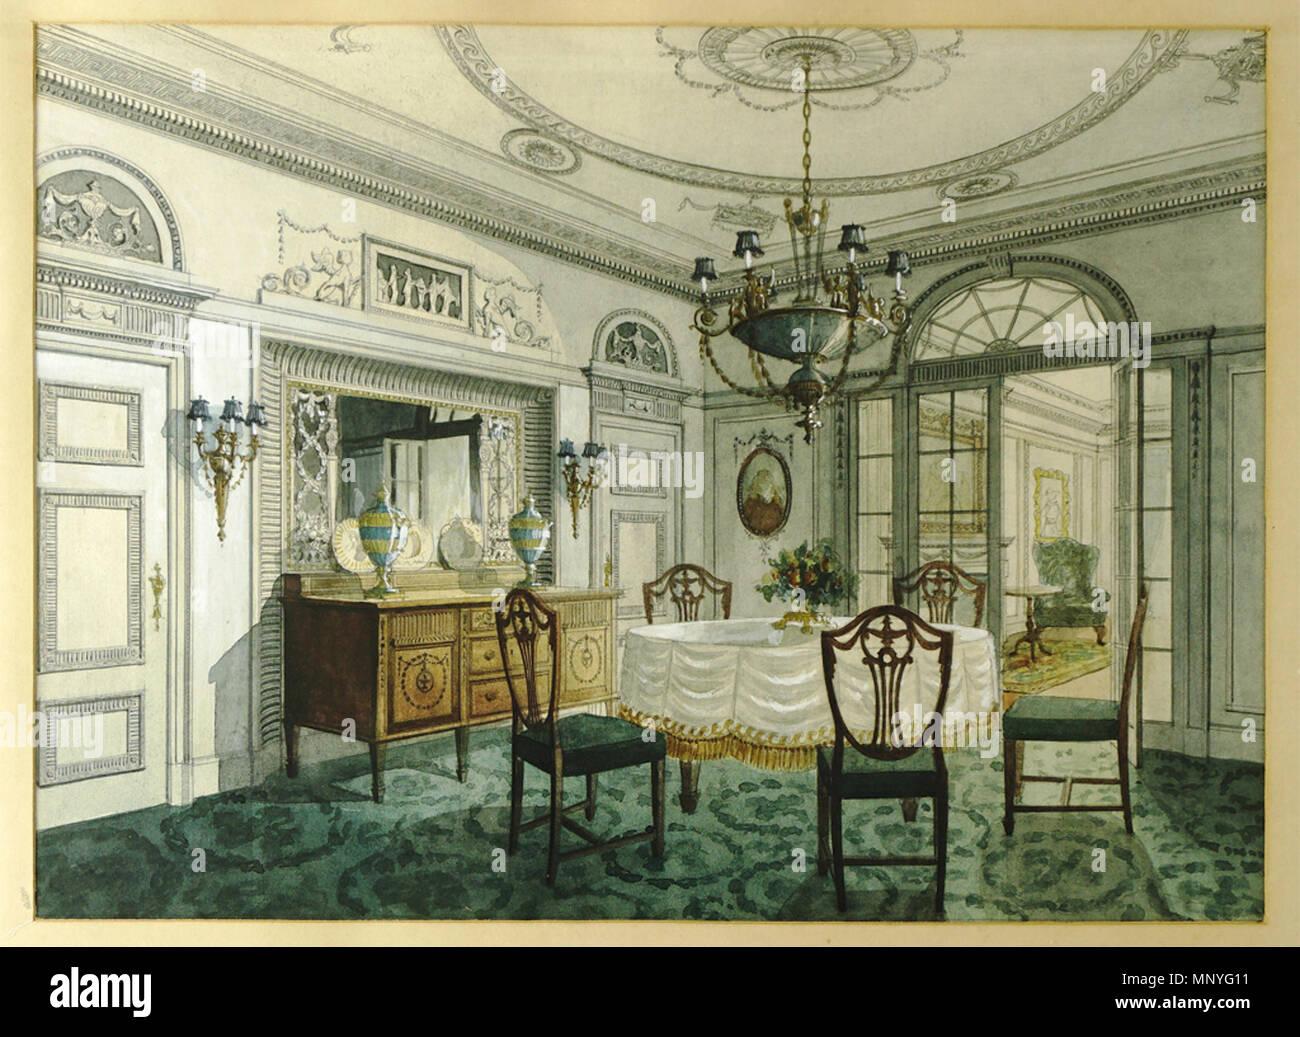 Zimmerbgild des 19. Jahrhundert. Blick in das Interieur eines ...